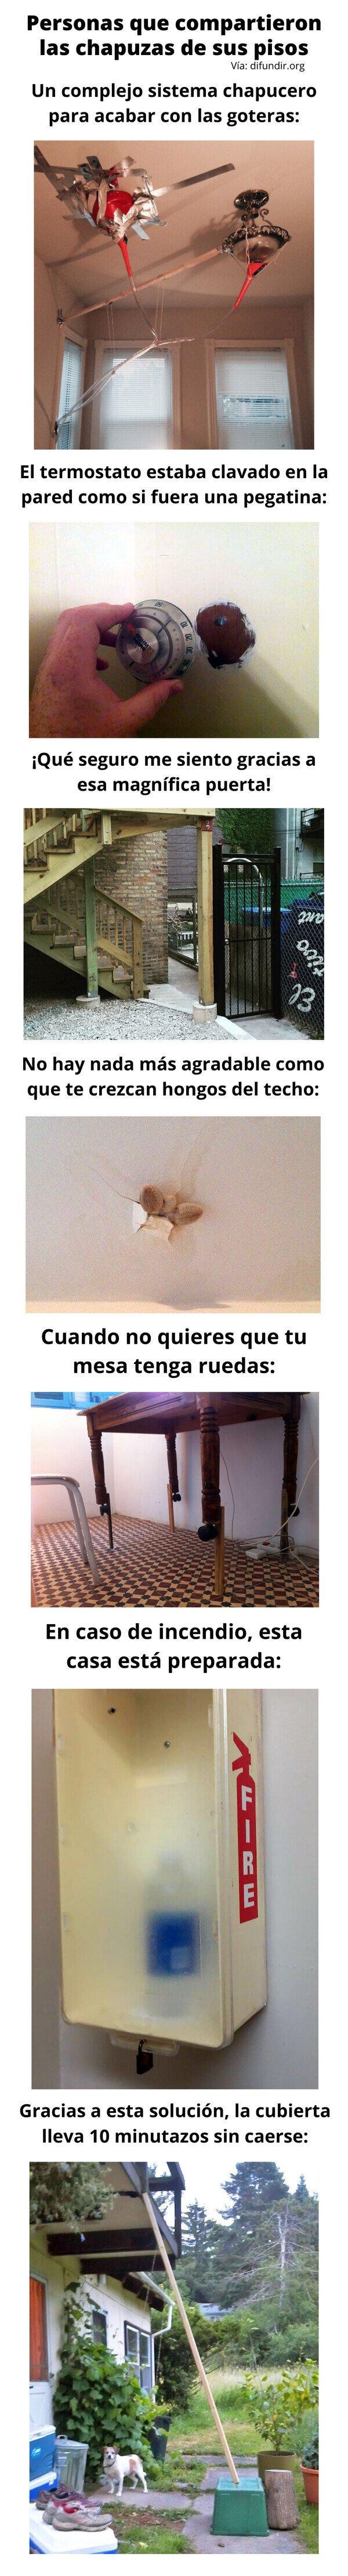 Meme_otros - Personas que compartieron las chapuzas de sus pisos